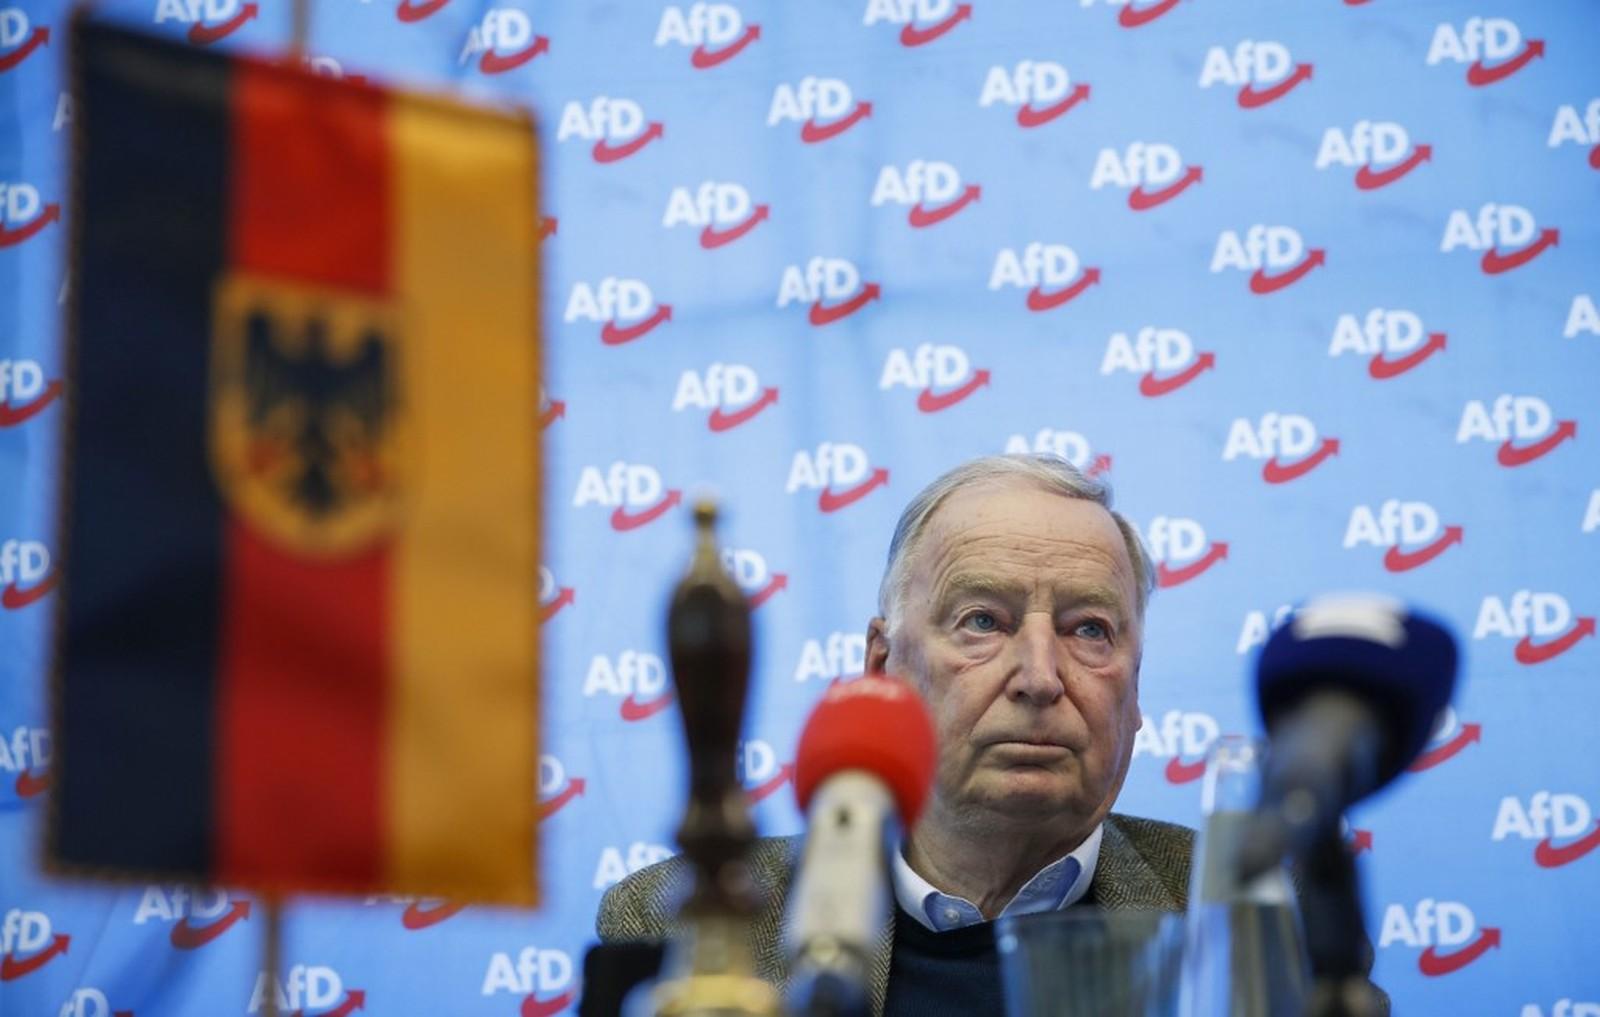 Alemanha debate colocar bandeiras nacionais em escolas